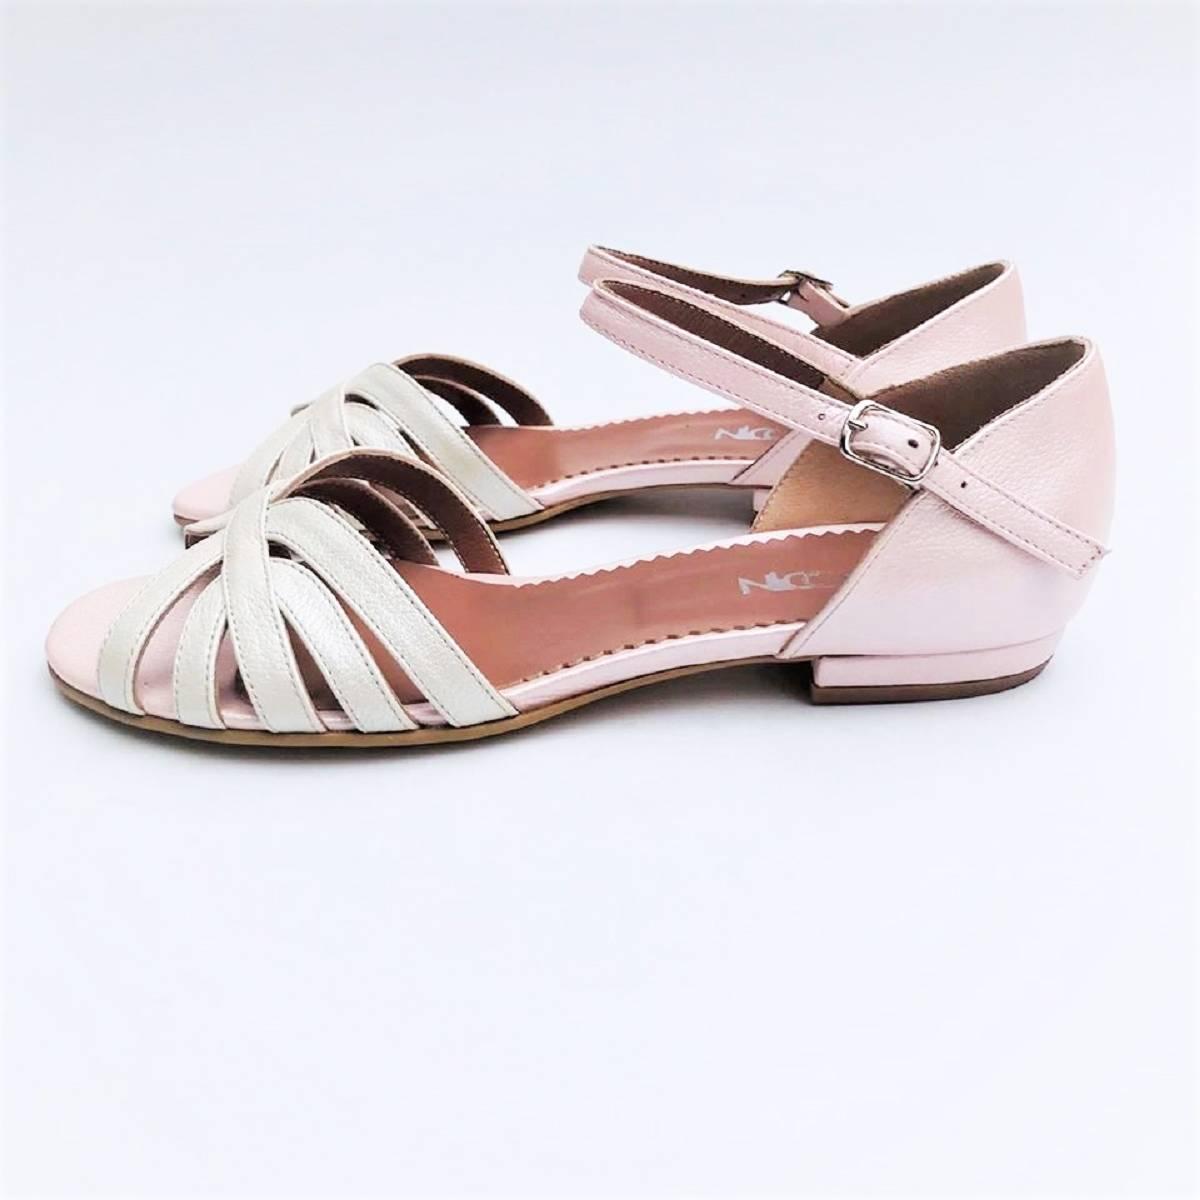 Sandale dama din piele naturala, Ada , nude roze